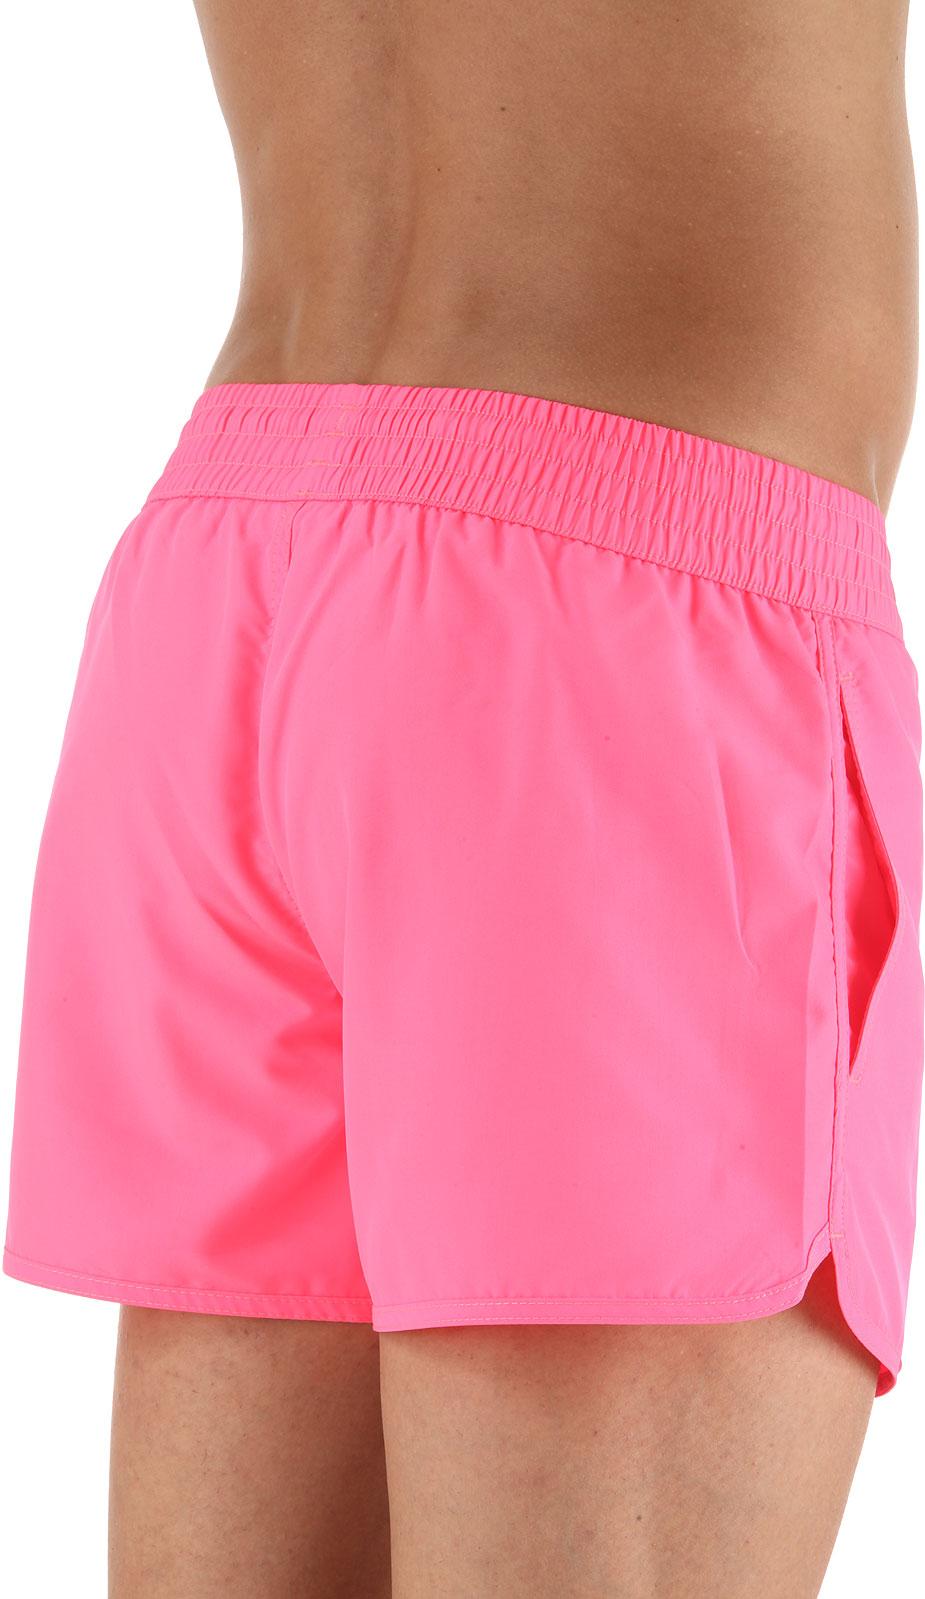 Shorts de bain  Emporio armani 902007 6P740 PINK 02773